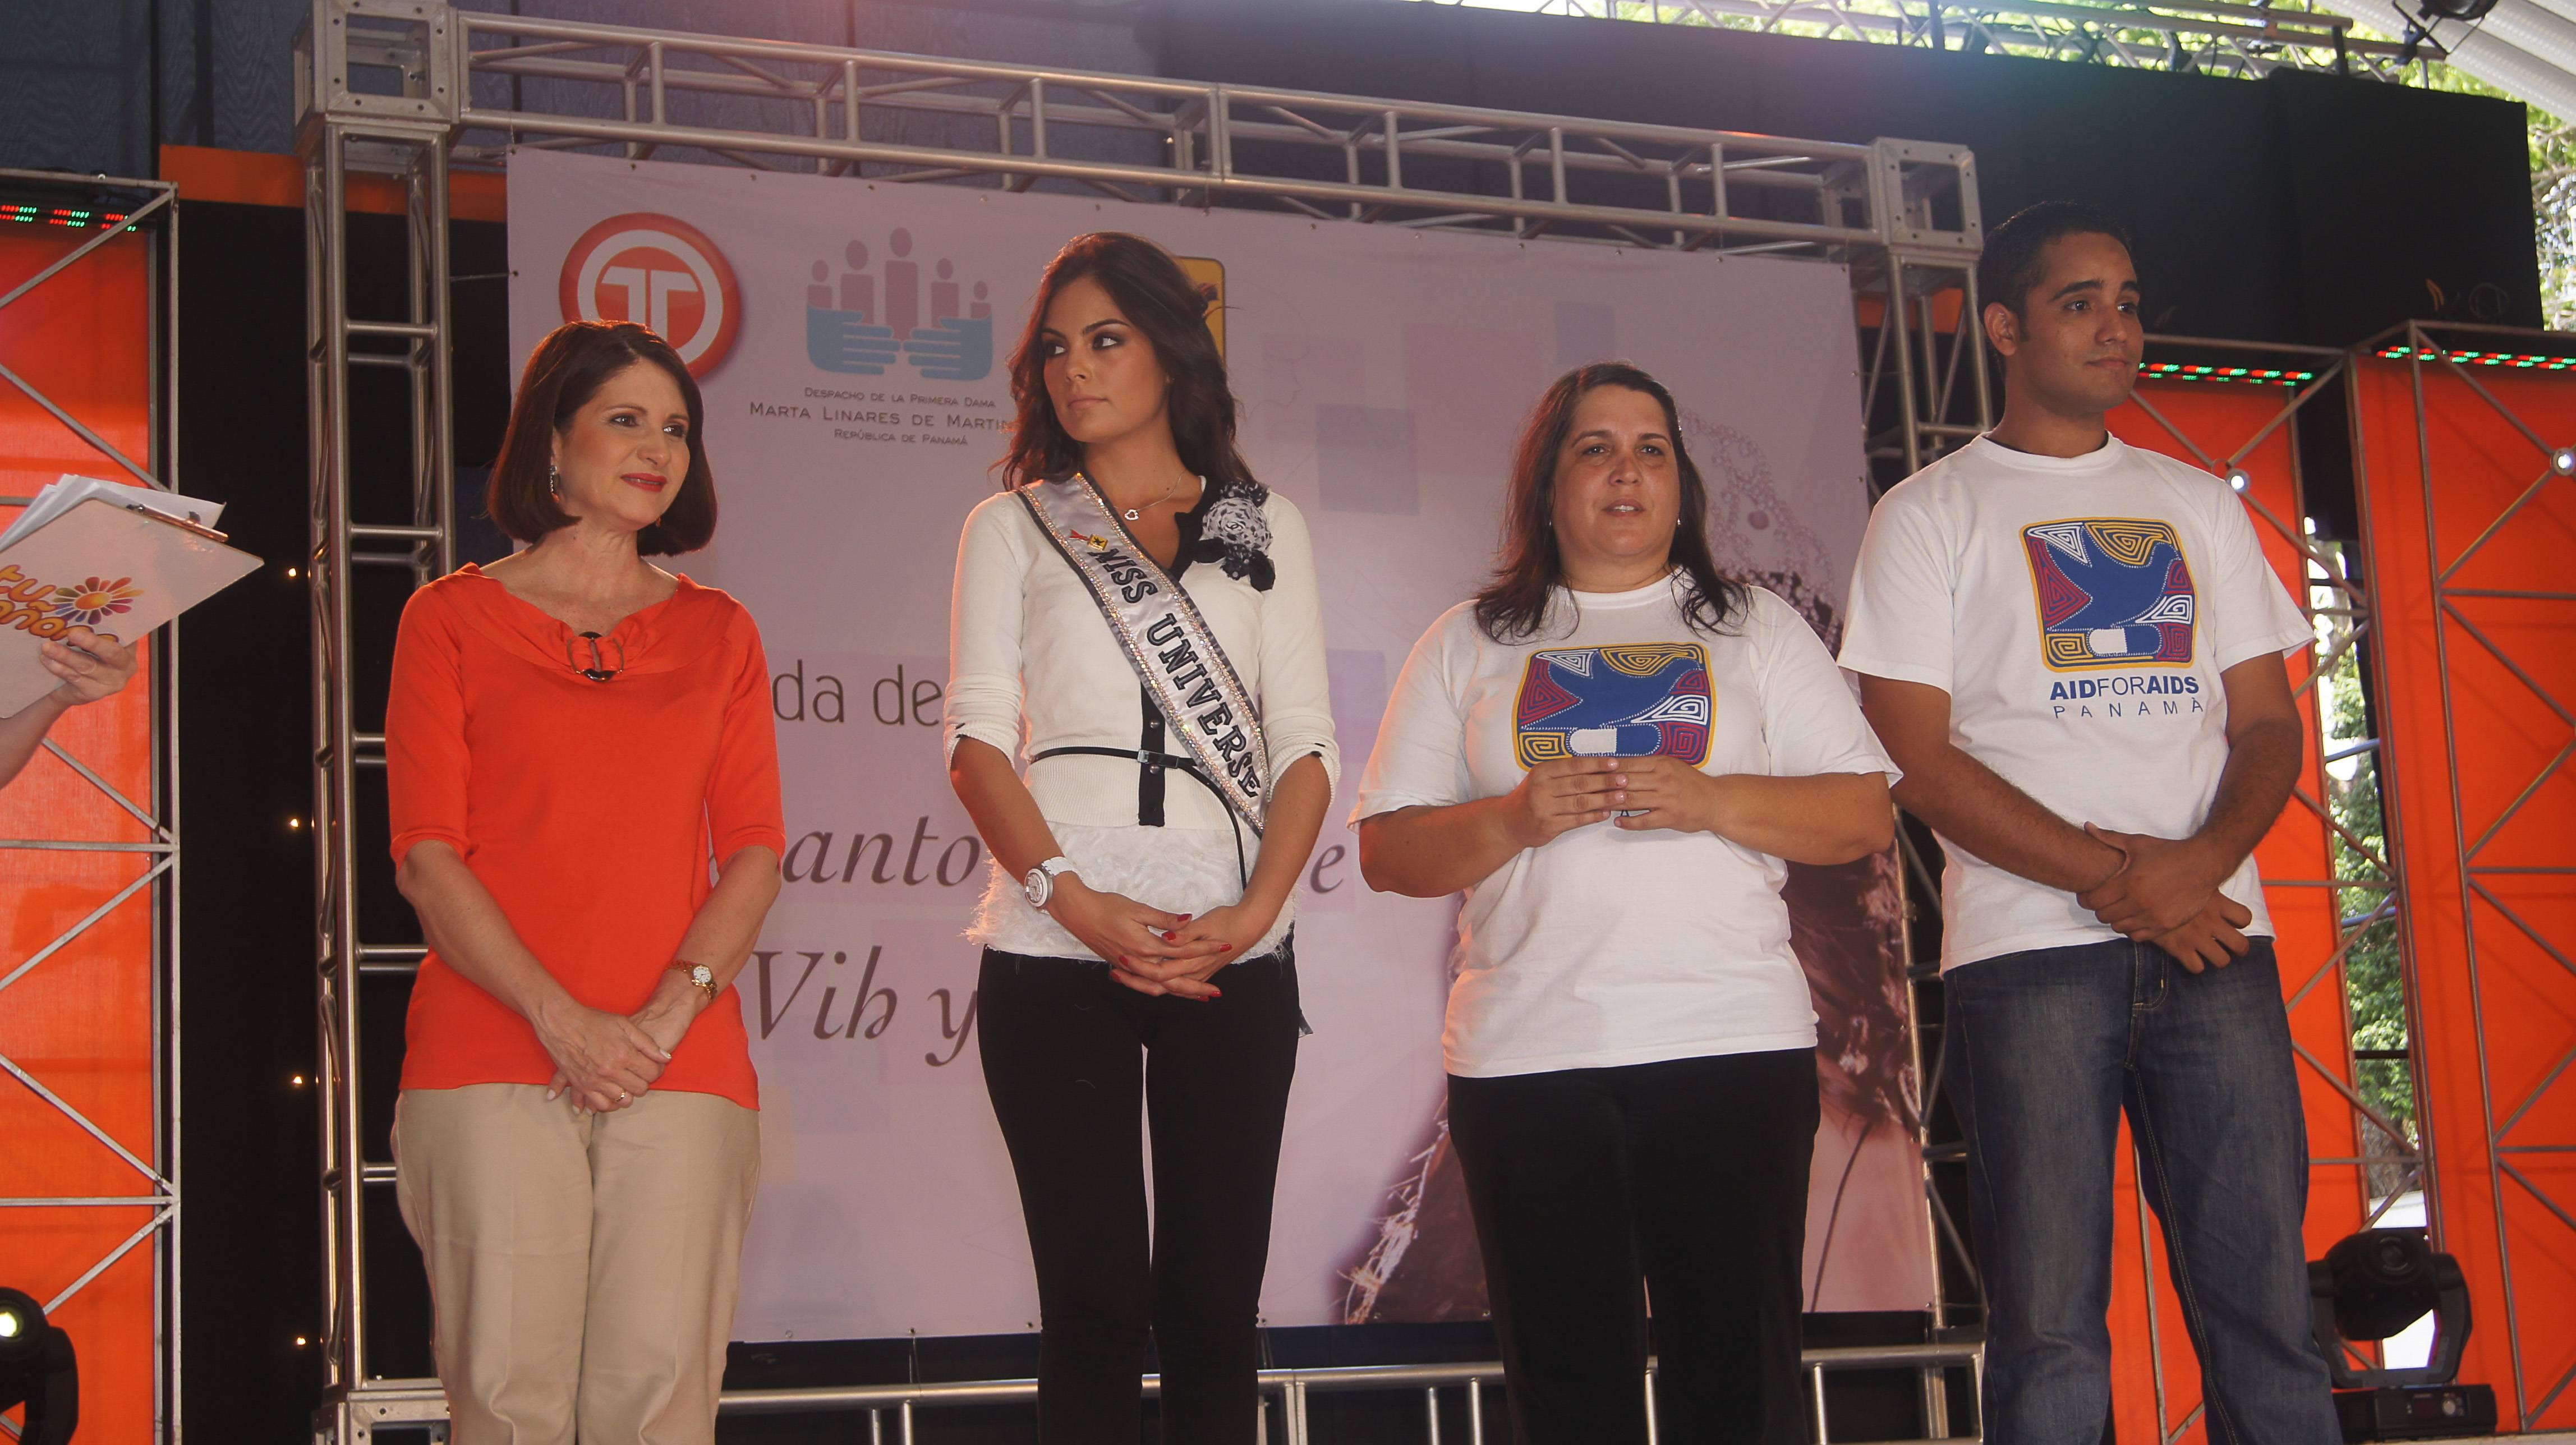 Jornada de Sensibilización sobre prevención del VIH